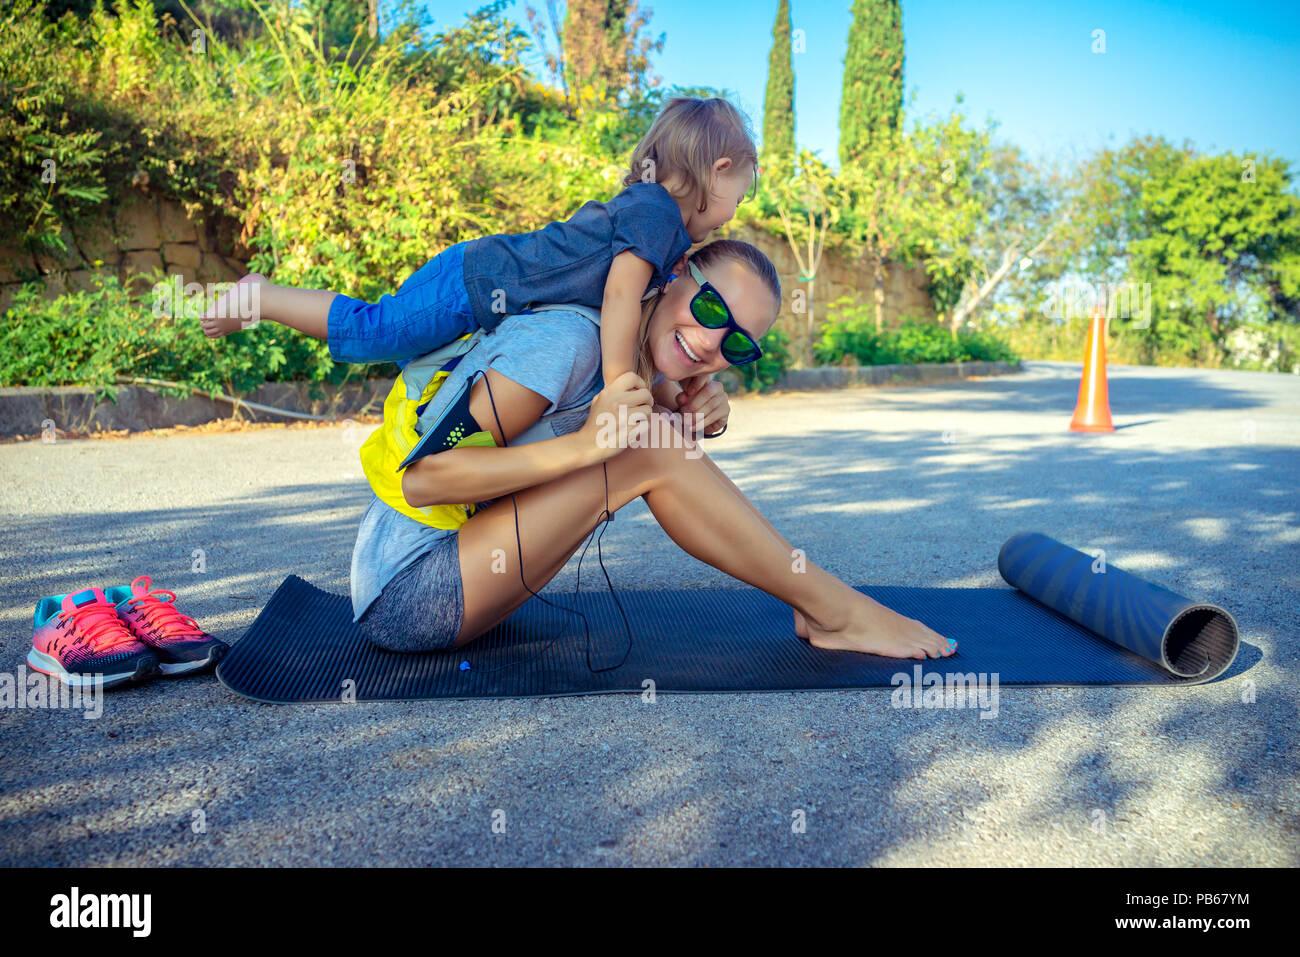 Una vita familiare sana e grazioso allegro baby boy gioca piggy back e aiuta a fare stretching, bella donna con il suo piccolo figlio di fare sport palestra Immagini Stock